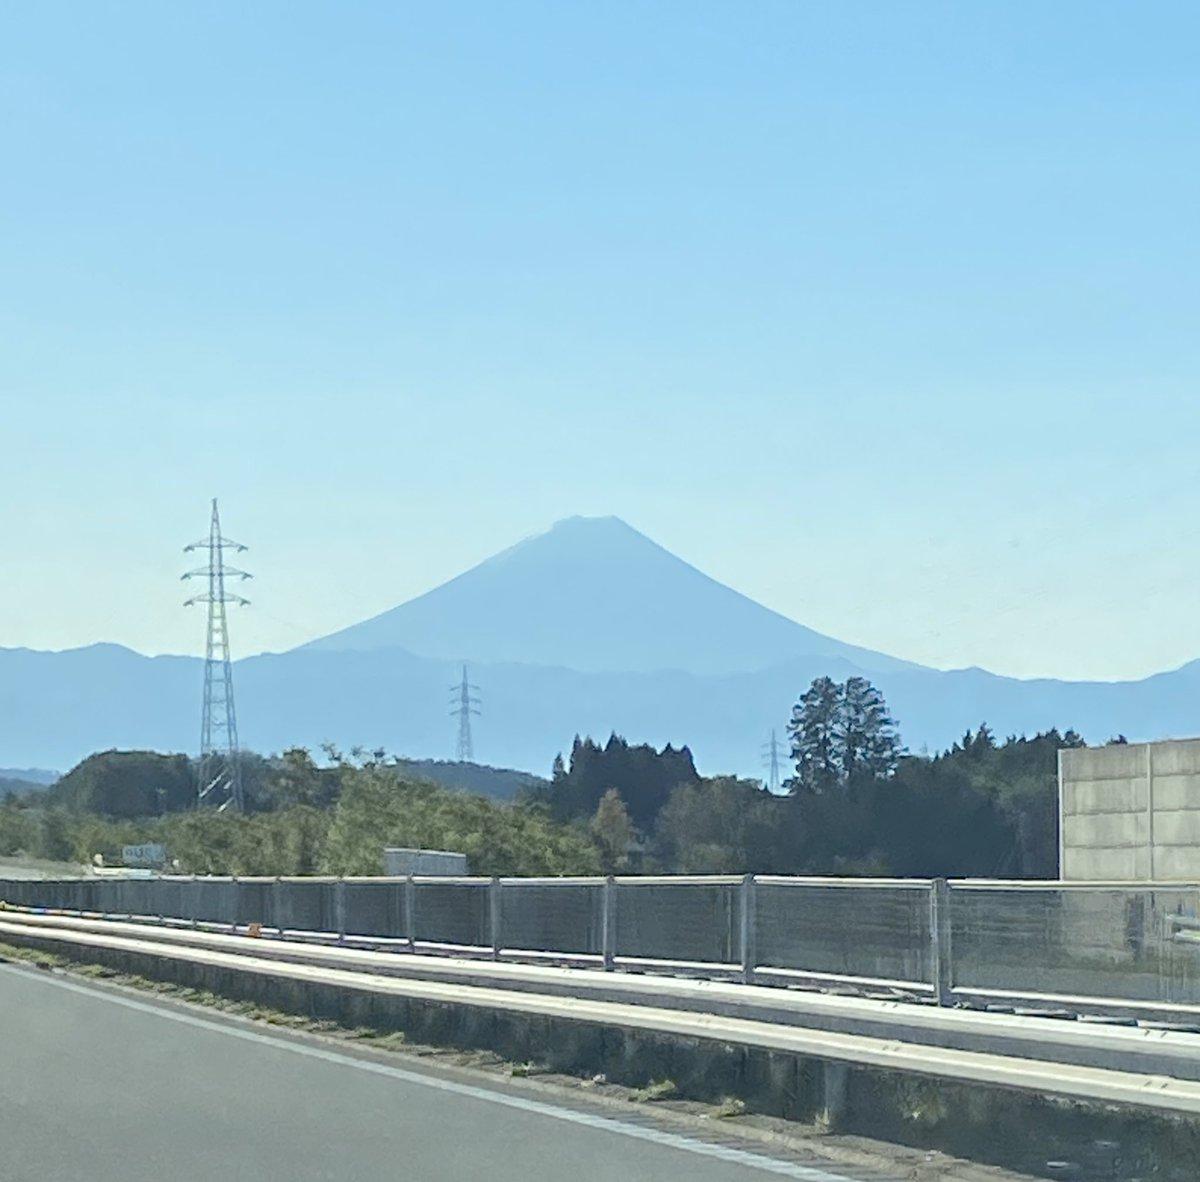 test ツイッターメディア - 今日は、富士山が全部キレイに見えてる/^o^\👀✨  中央道を東京方面に走る時の楽しみ🤞  なかなか全部見える日ないんだな💦 https://t.co/77s6pA91zd